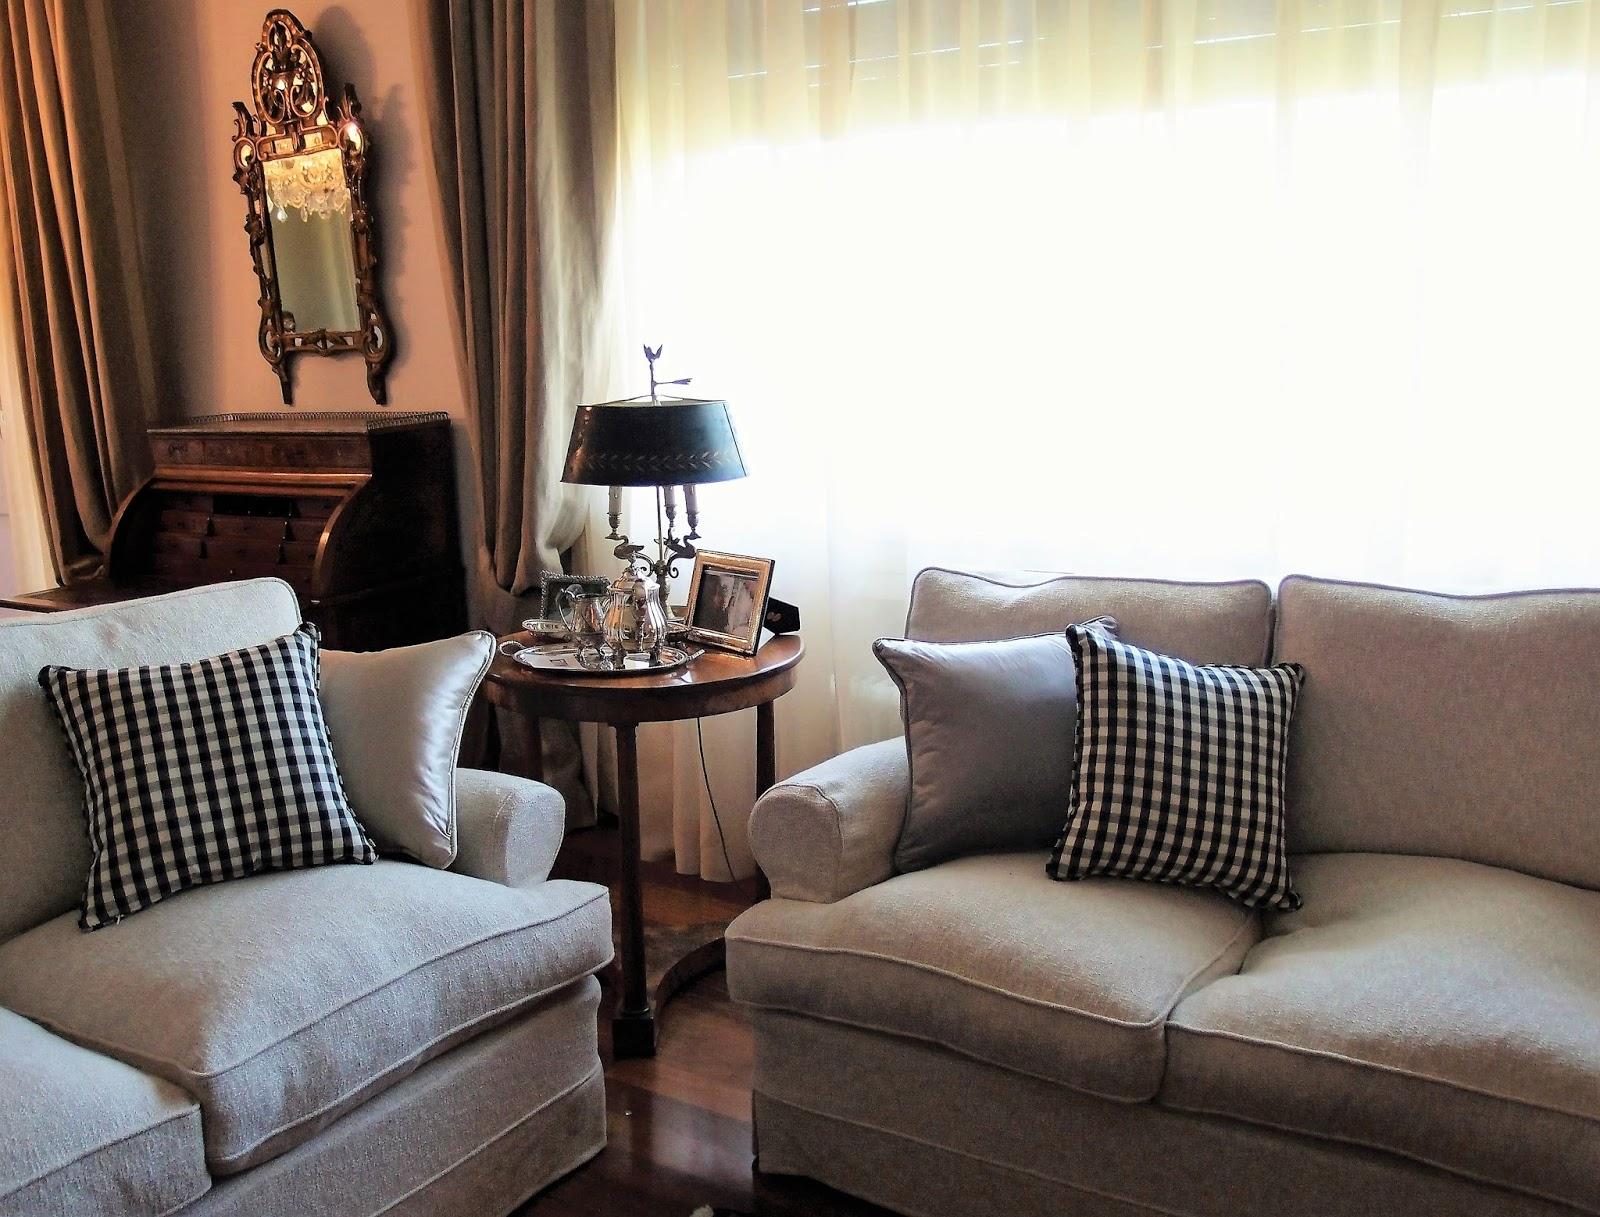 Una contorno perfetto ed attuale per i mobili antichi dove - Mobili antichi bianchi ...